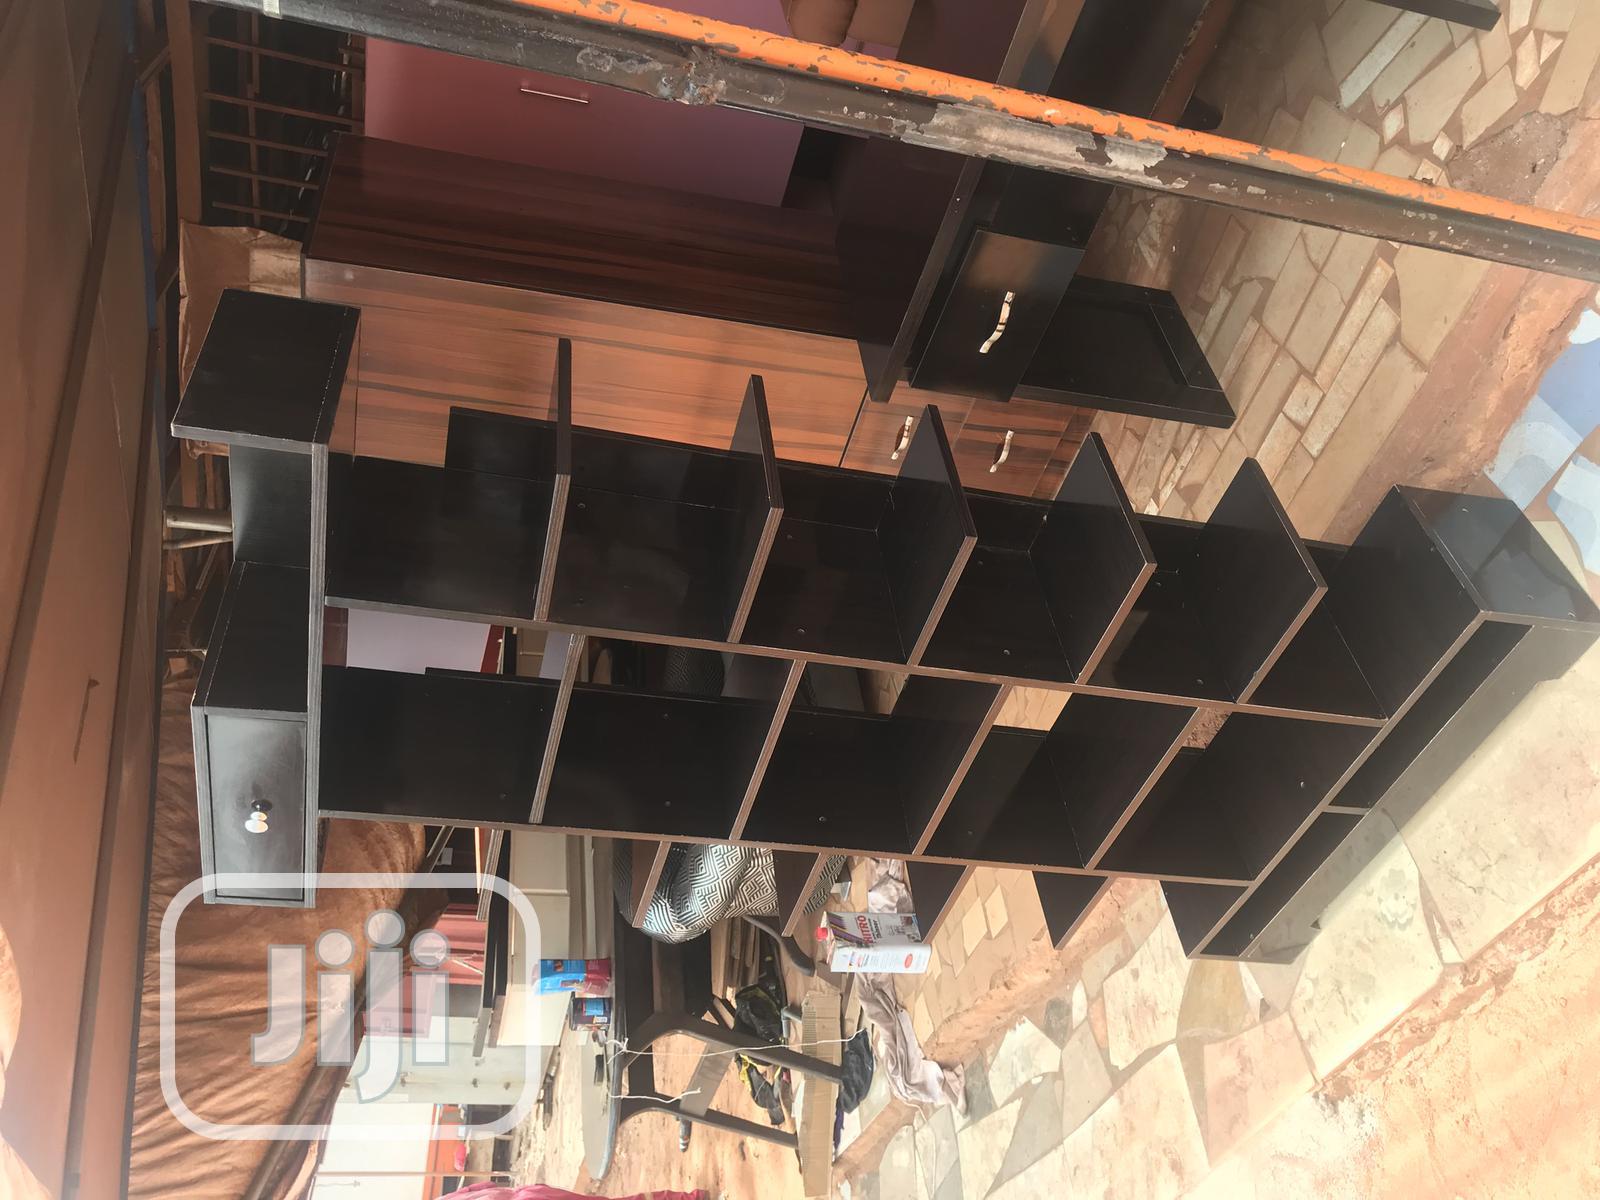 Fish Bone Shoe Rack | Furniture for sale in Enugu, Enugu State, Nigeria